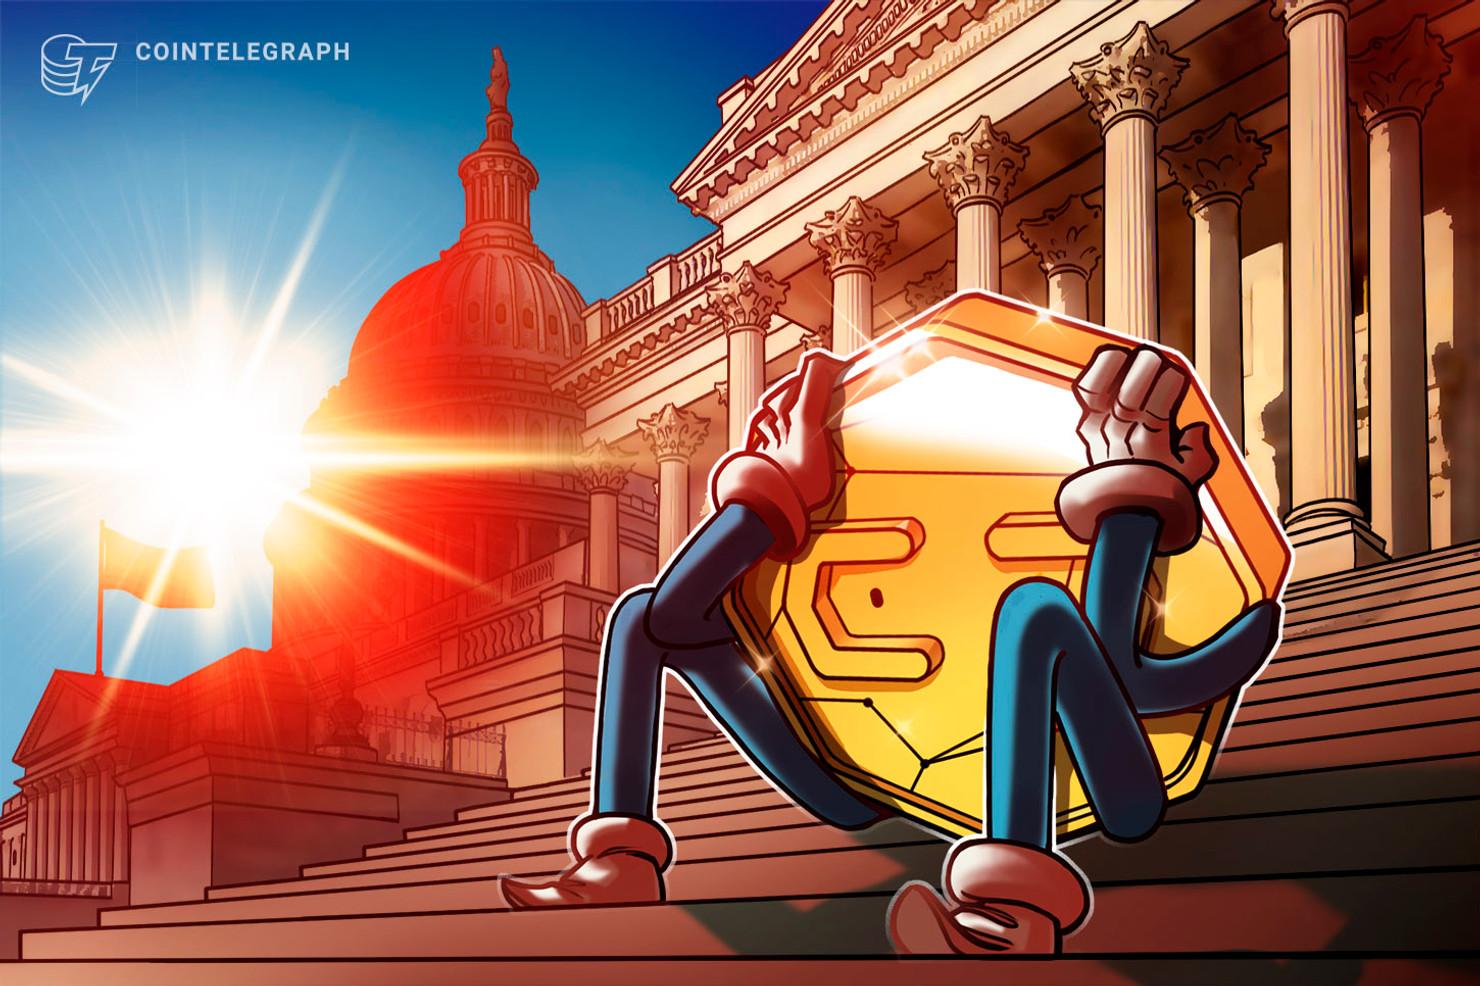 白人至上主義者らが仮想通貨を使い資金調達、米議会で専門家が懸念【ニュース】